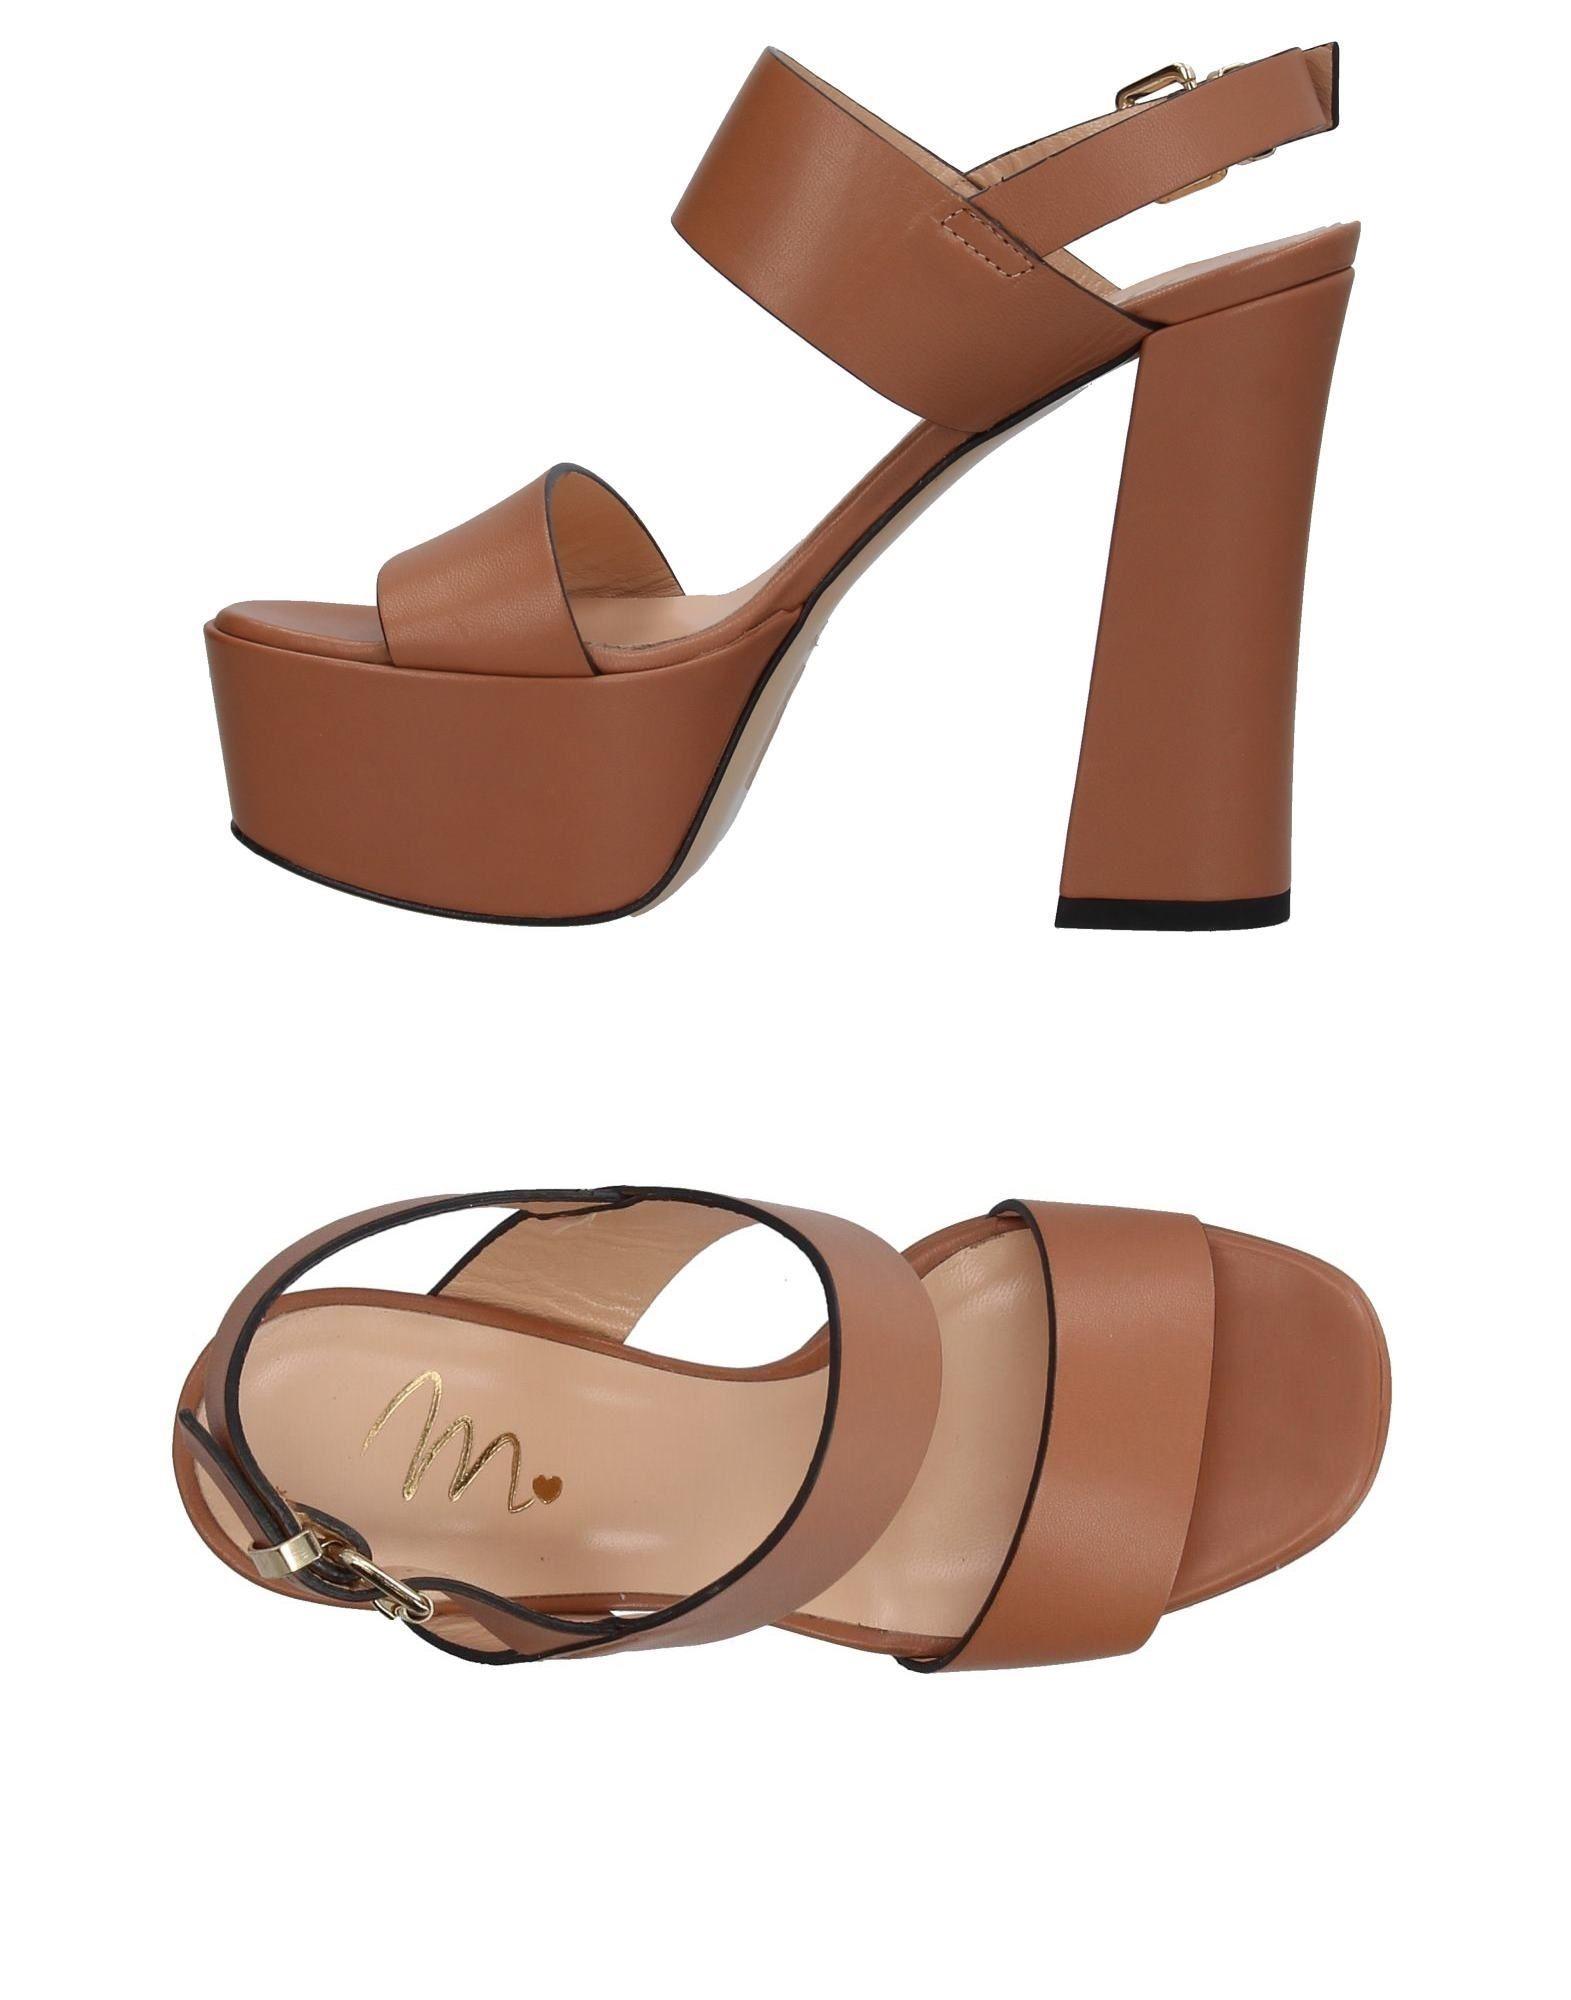 Moda Sandali Monnalisa Donna - 11403152WS